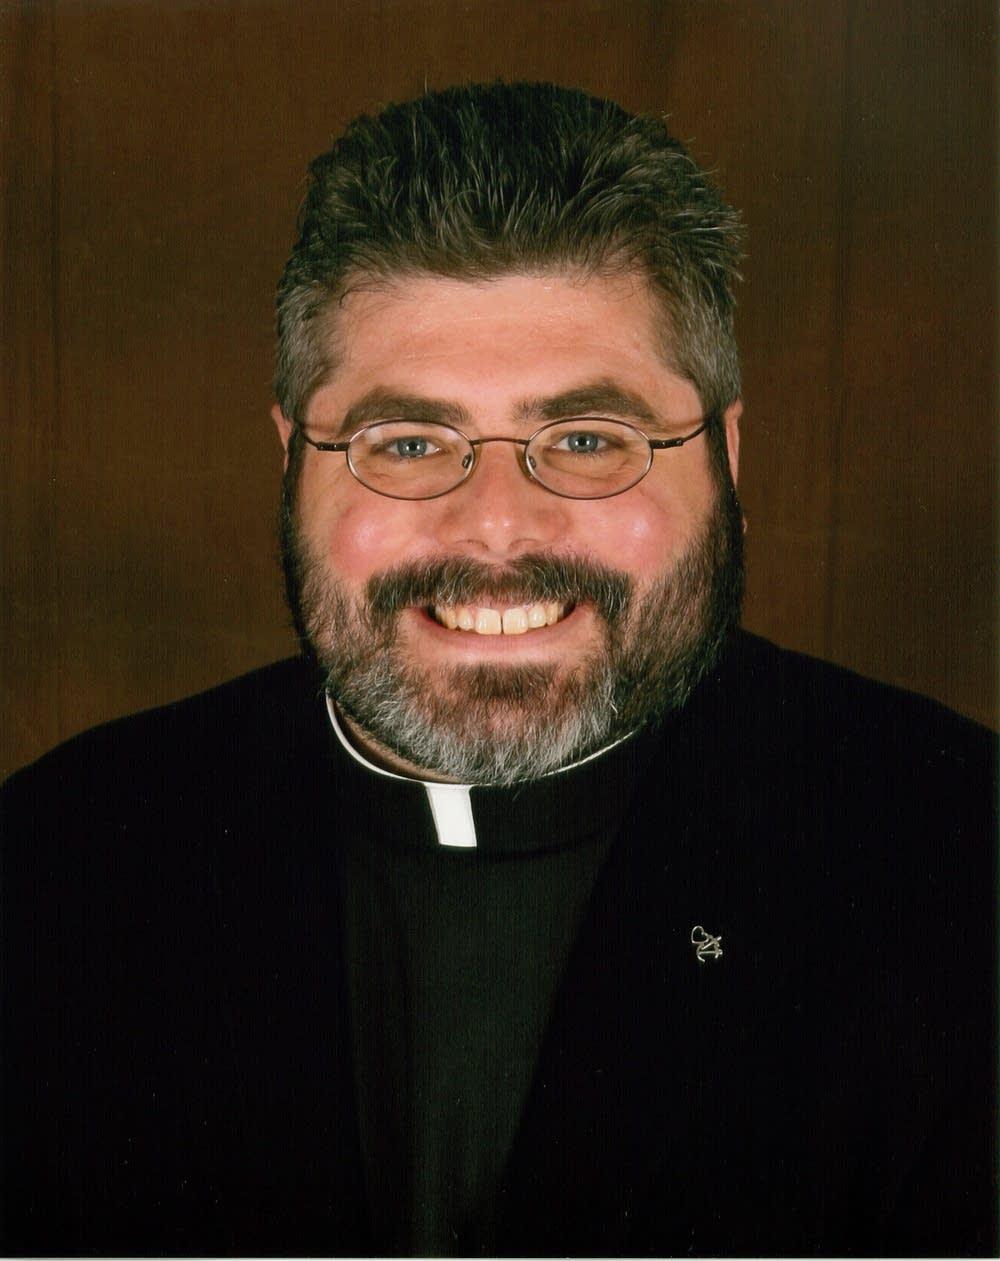 Pastor Timothy Dearhamer